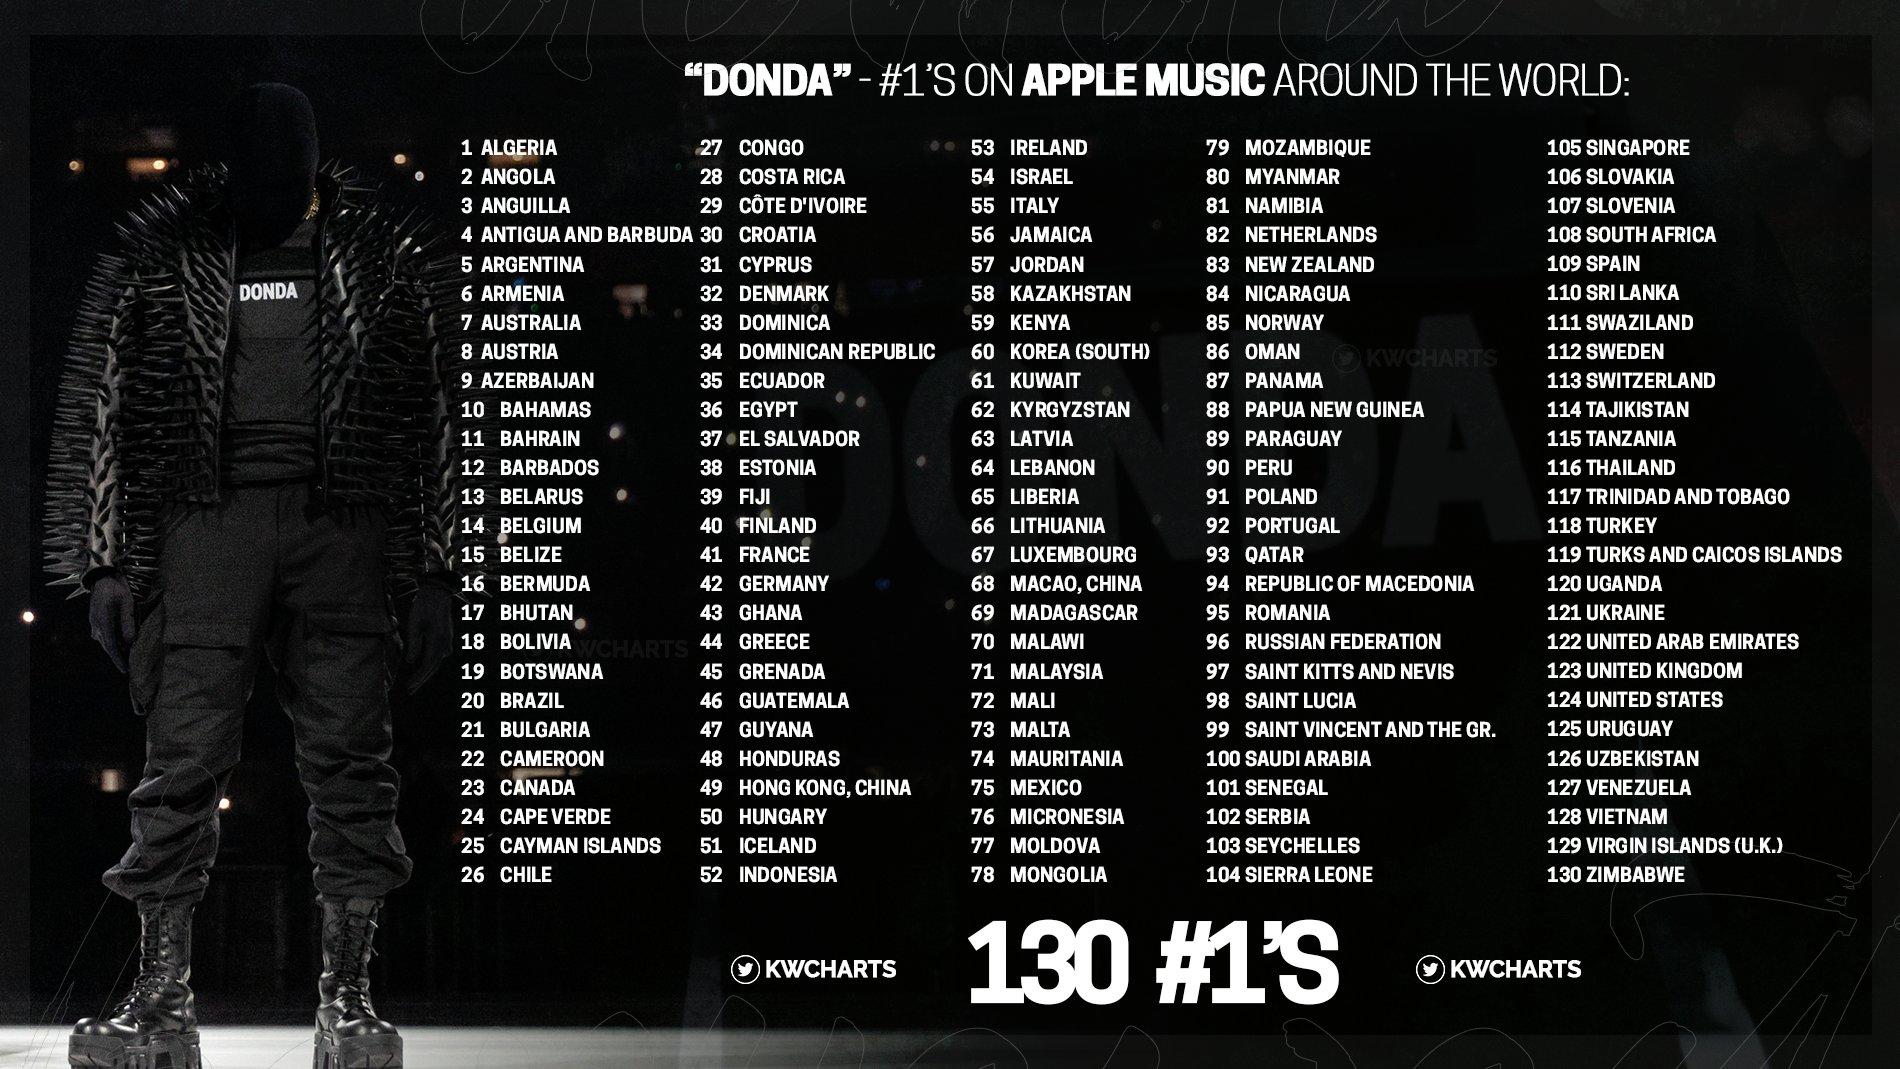 kanye west records donda album numero #1